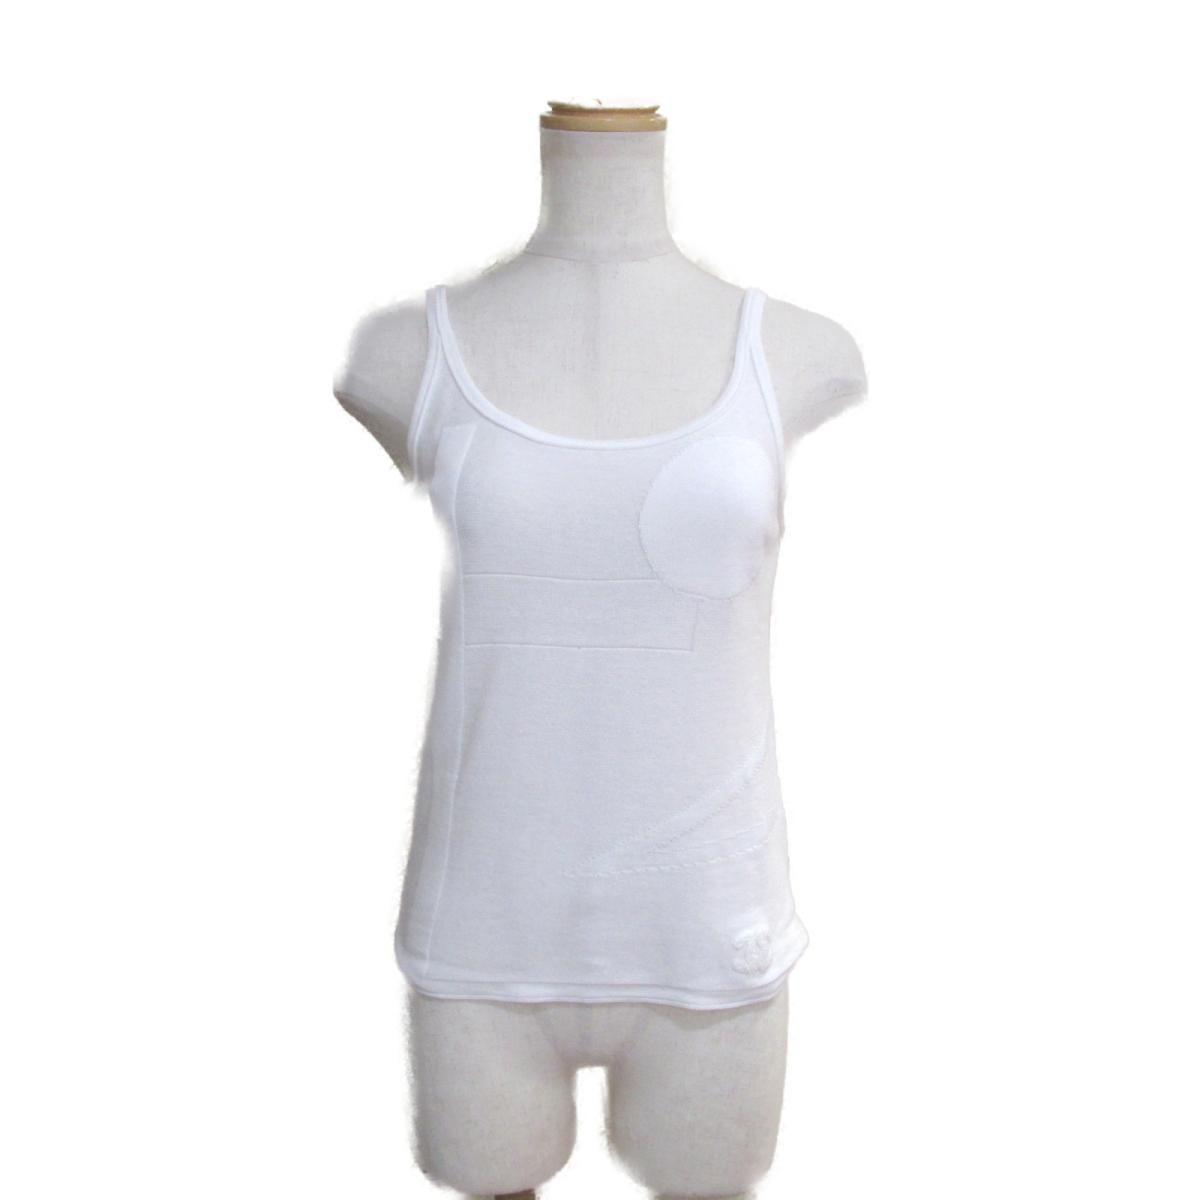 【中古】 シャネル キャミソール レディース コットン100% ホワイト (P46182K05782) | CHANEL BRANDOFF ブランドオフ 衣料品 衣類 ブランド アウター ジャケット コート